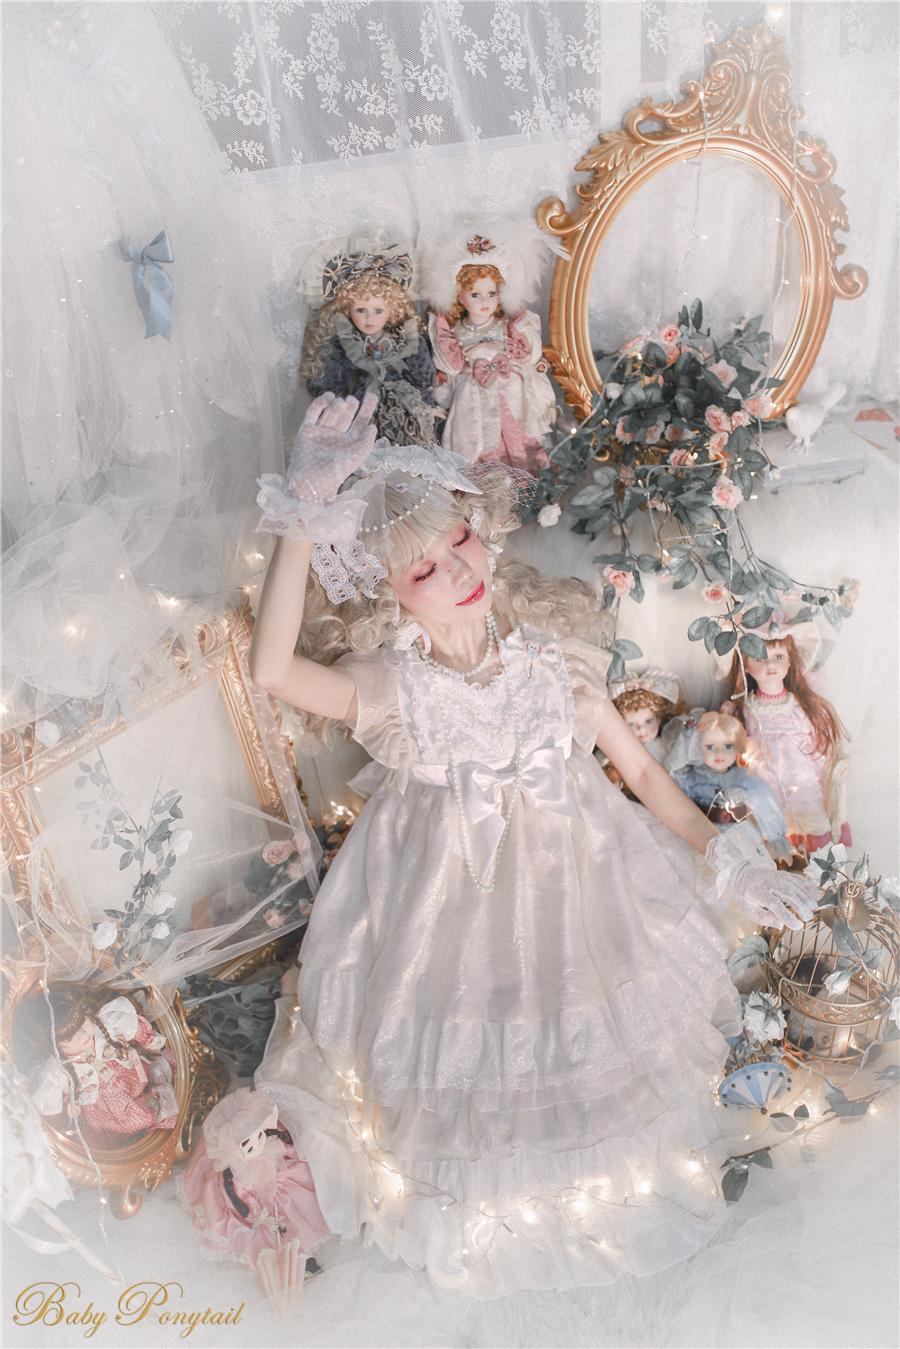 Babyponytail_Model Photo_Present Angel_JSK white_2_Kaka_02.jpg